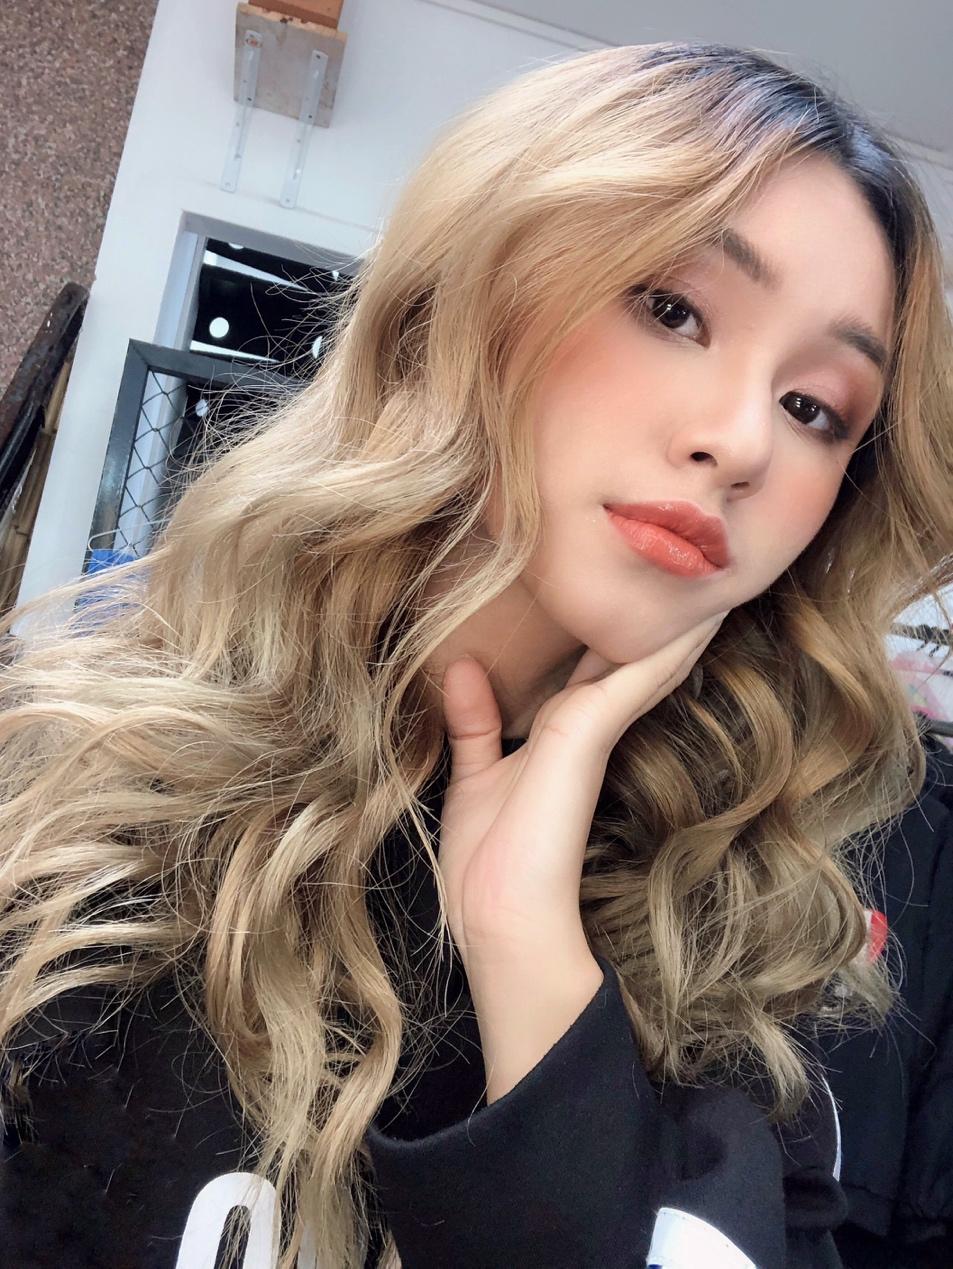 """Lê Mai Hằng: Cô nàng 21 tuổi cá tính, tài năng mang vẻ đẹp Âu đúng chuẩn """"con nhà người ta"""" - Ảnh 9."""